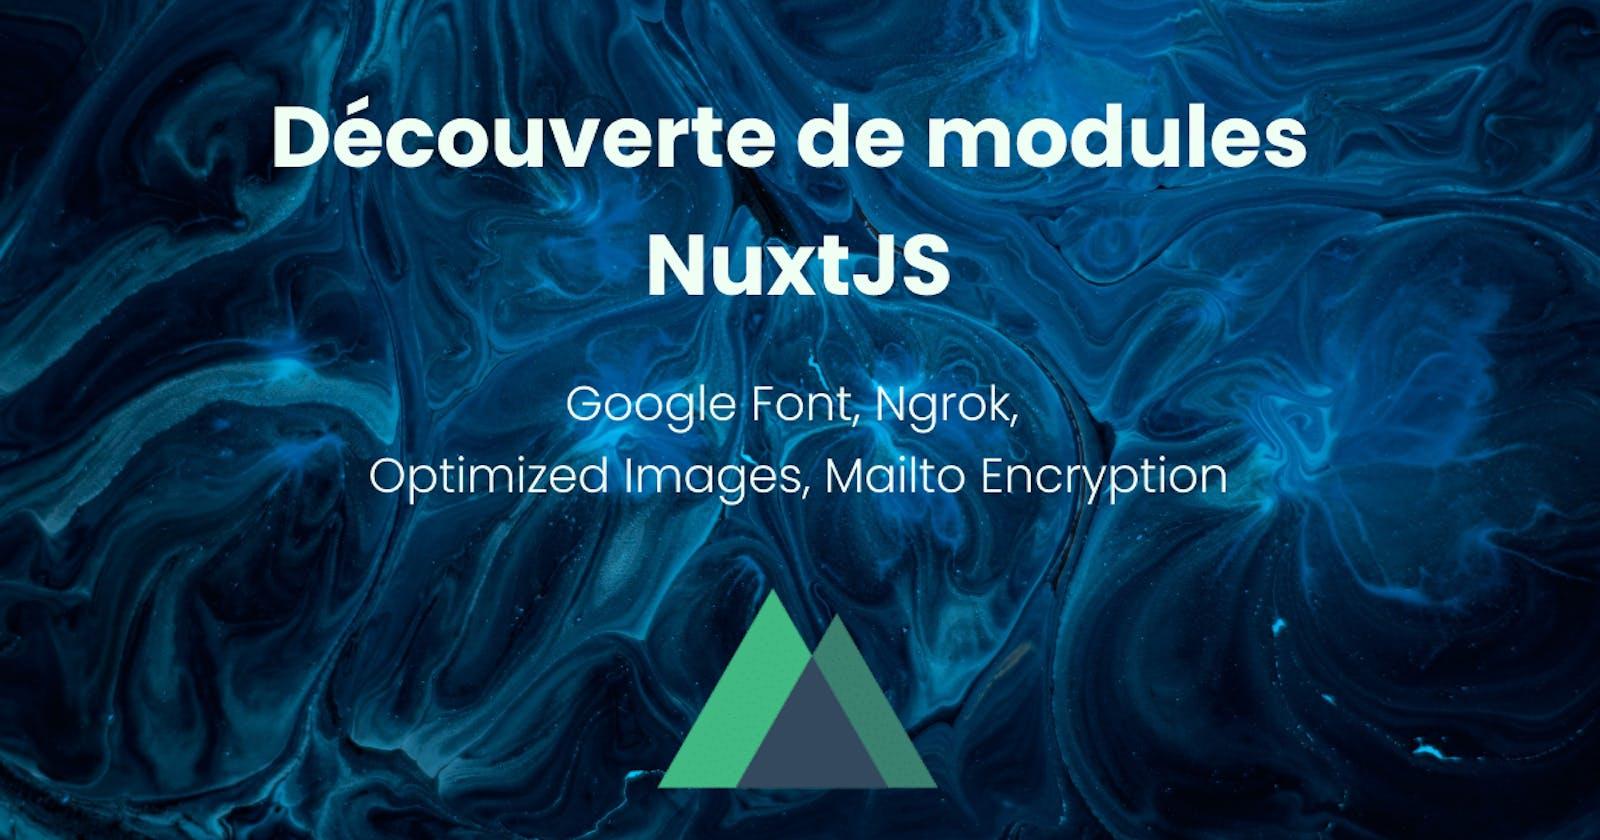 Découvrons quelques modules NuxtJS